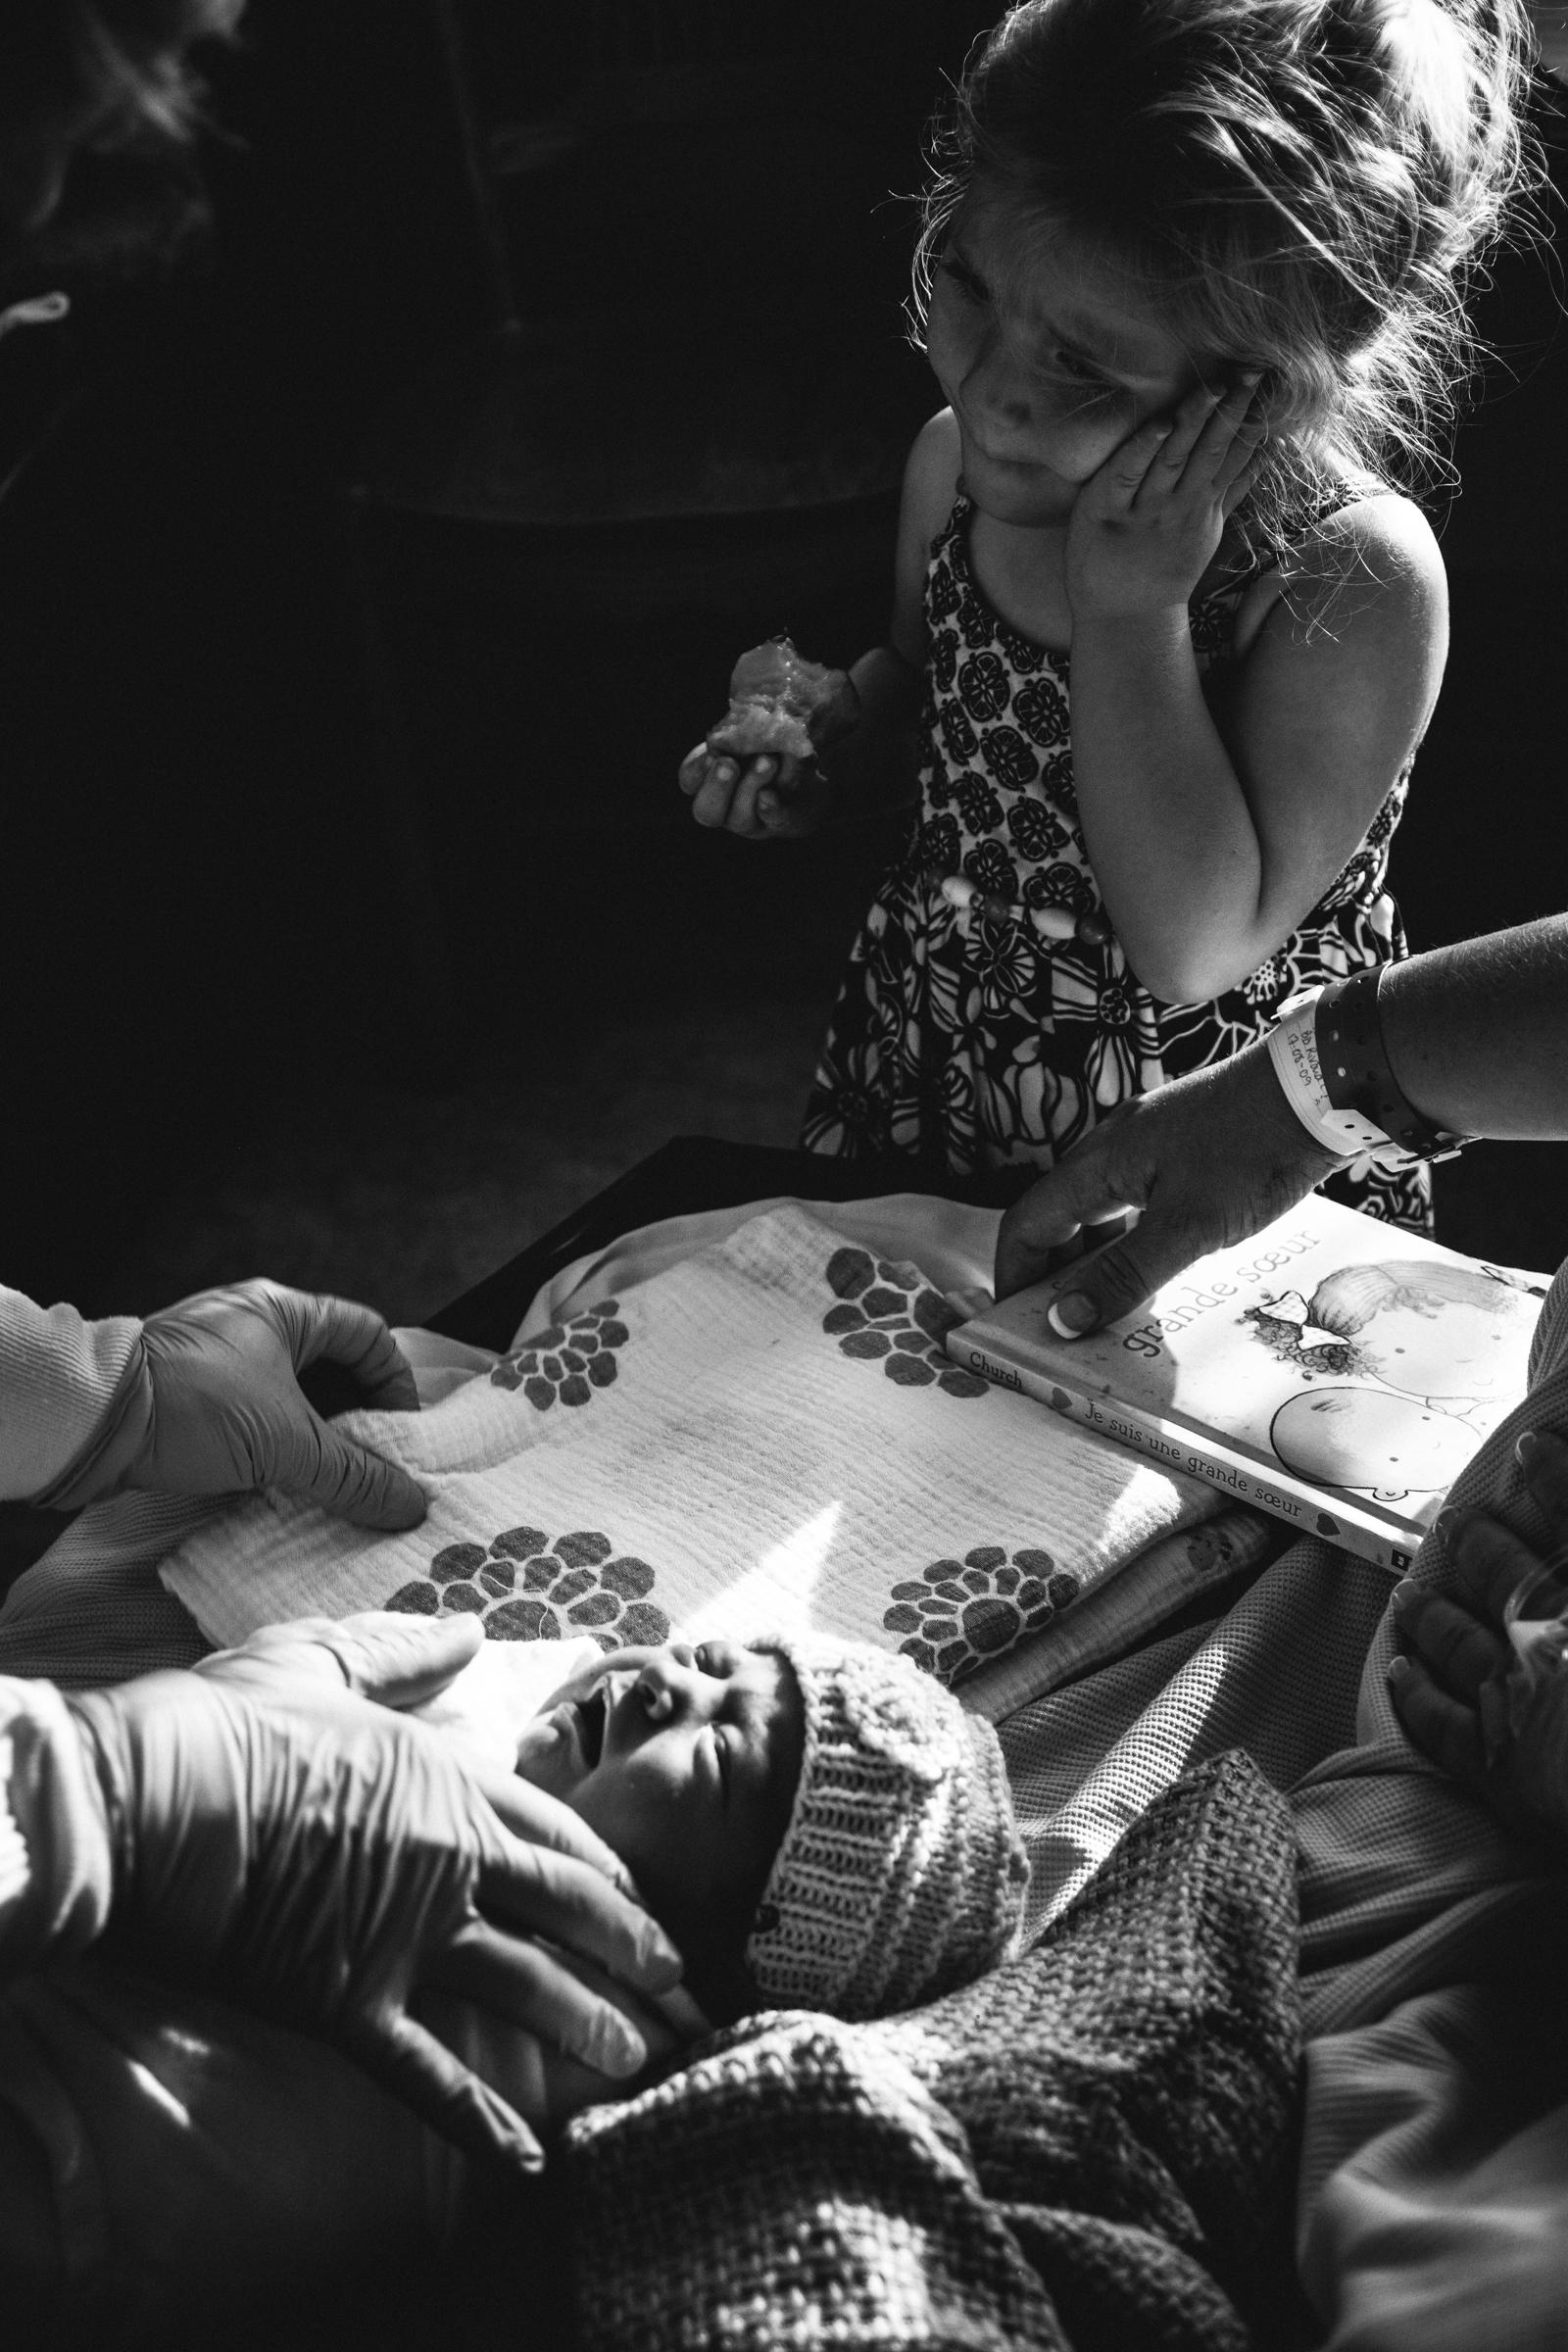 photo-de-nouveau-ne-a-l-hopital-fresh-48_photographie-noir-et-blanc-photographe-de-famille-lifestyle-enfant-montreal-33.jpg